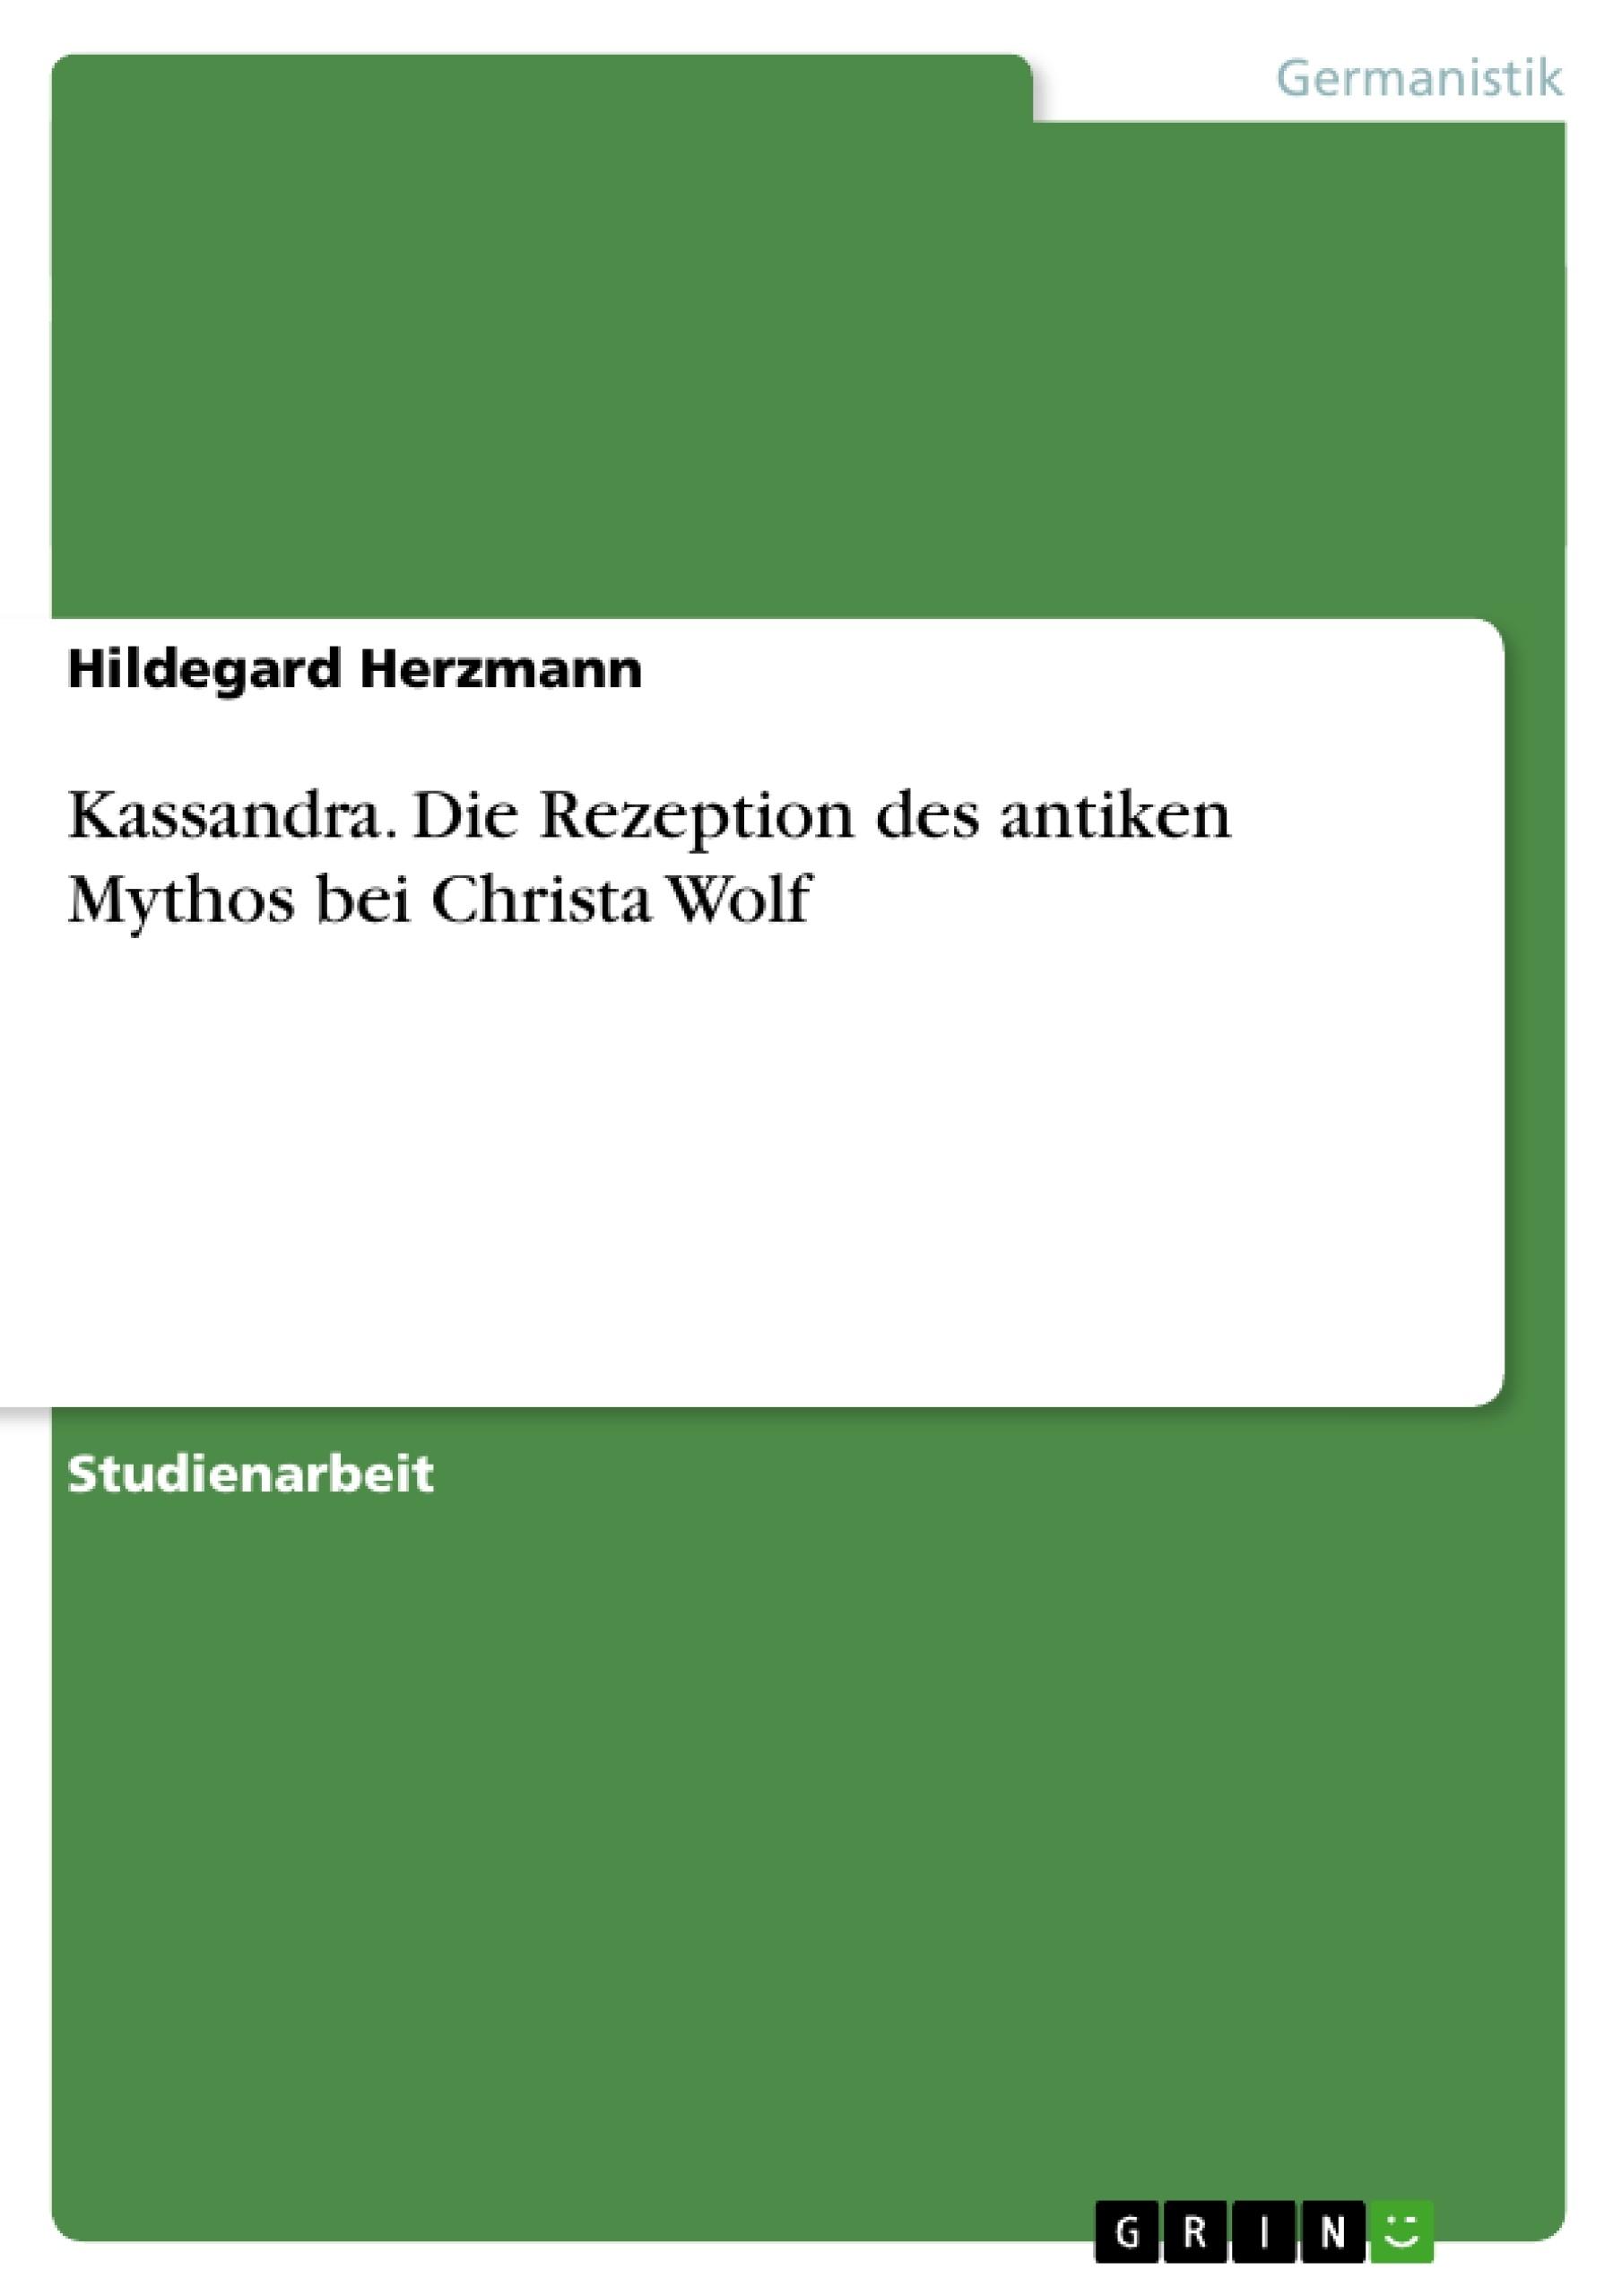 Titel: Kassandra. Die Rezeption des antiken Mythos bei Christa Wolf